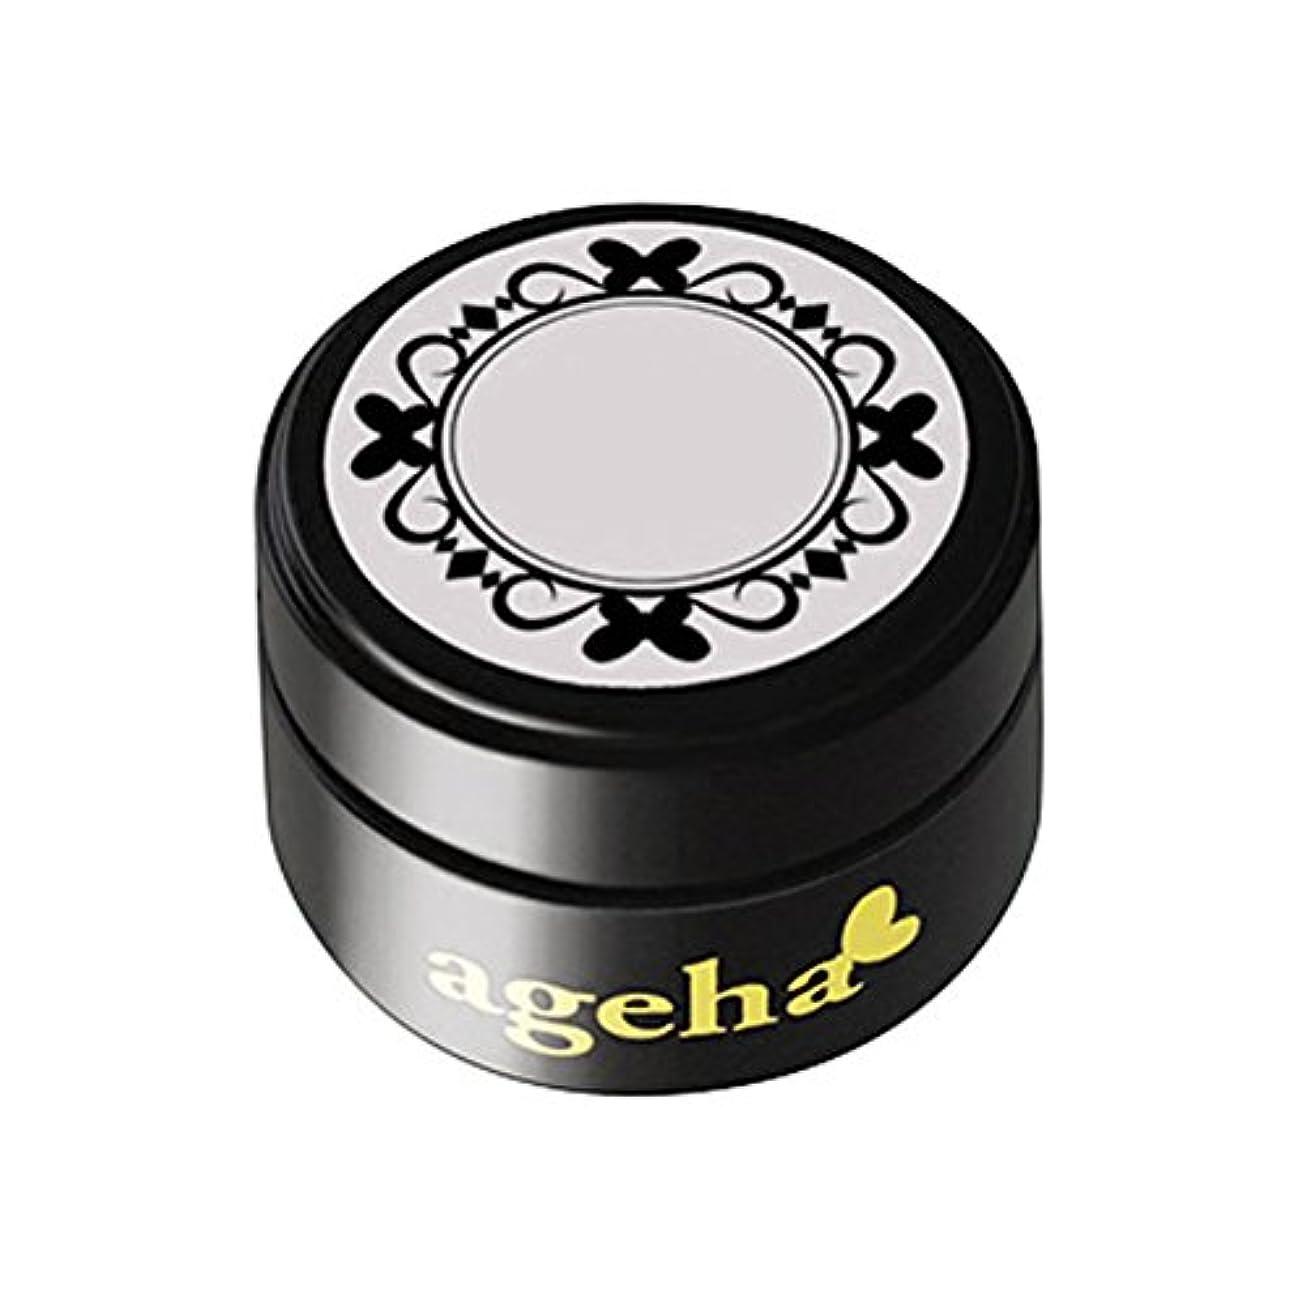 倫理ウミウシ宅配便ageha gel カラージェル コスメカラー 111? ダウンピンク 2.7g UV/LED対応